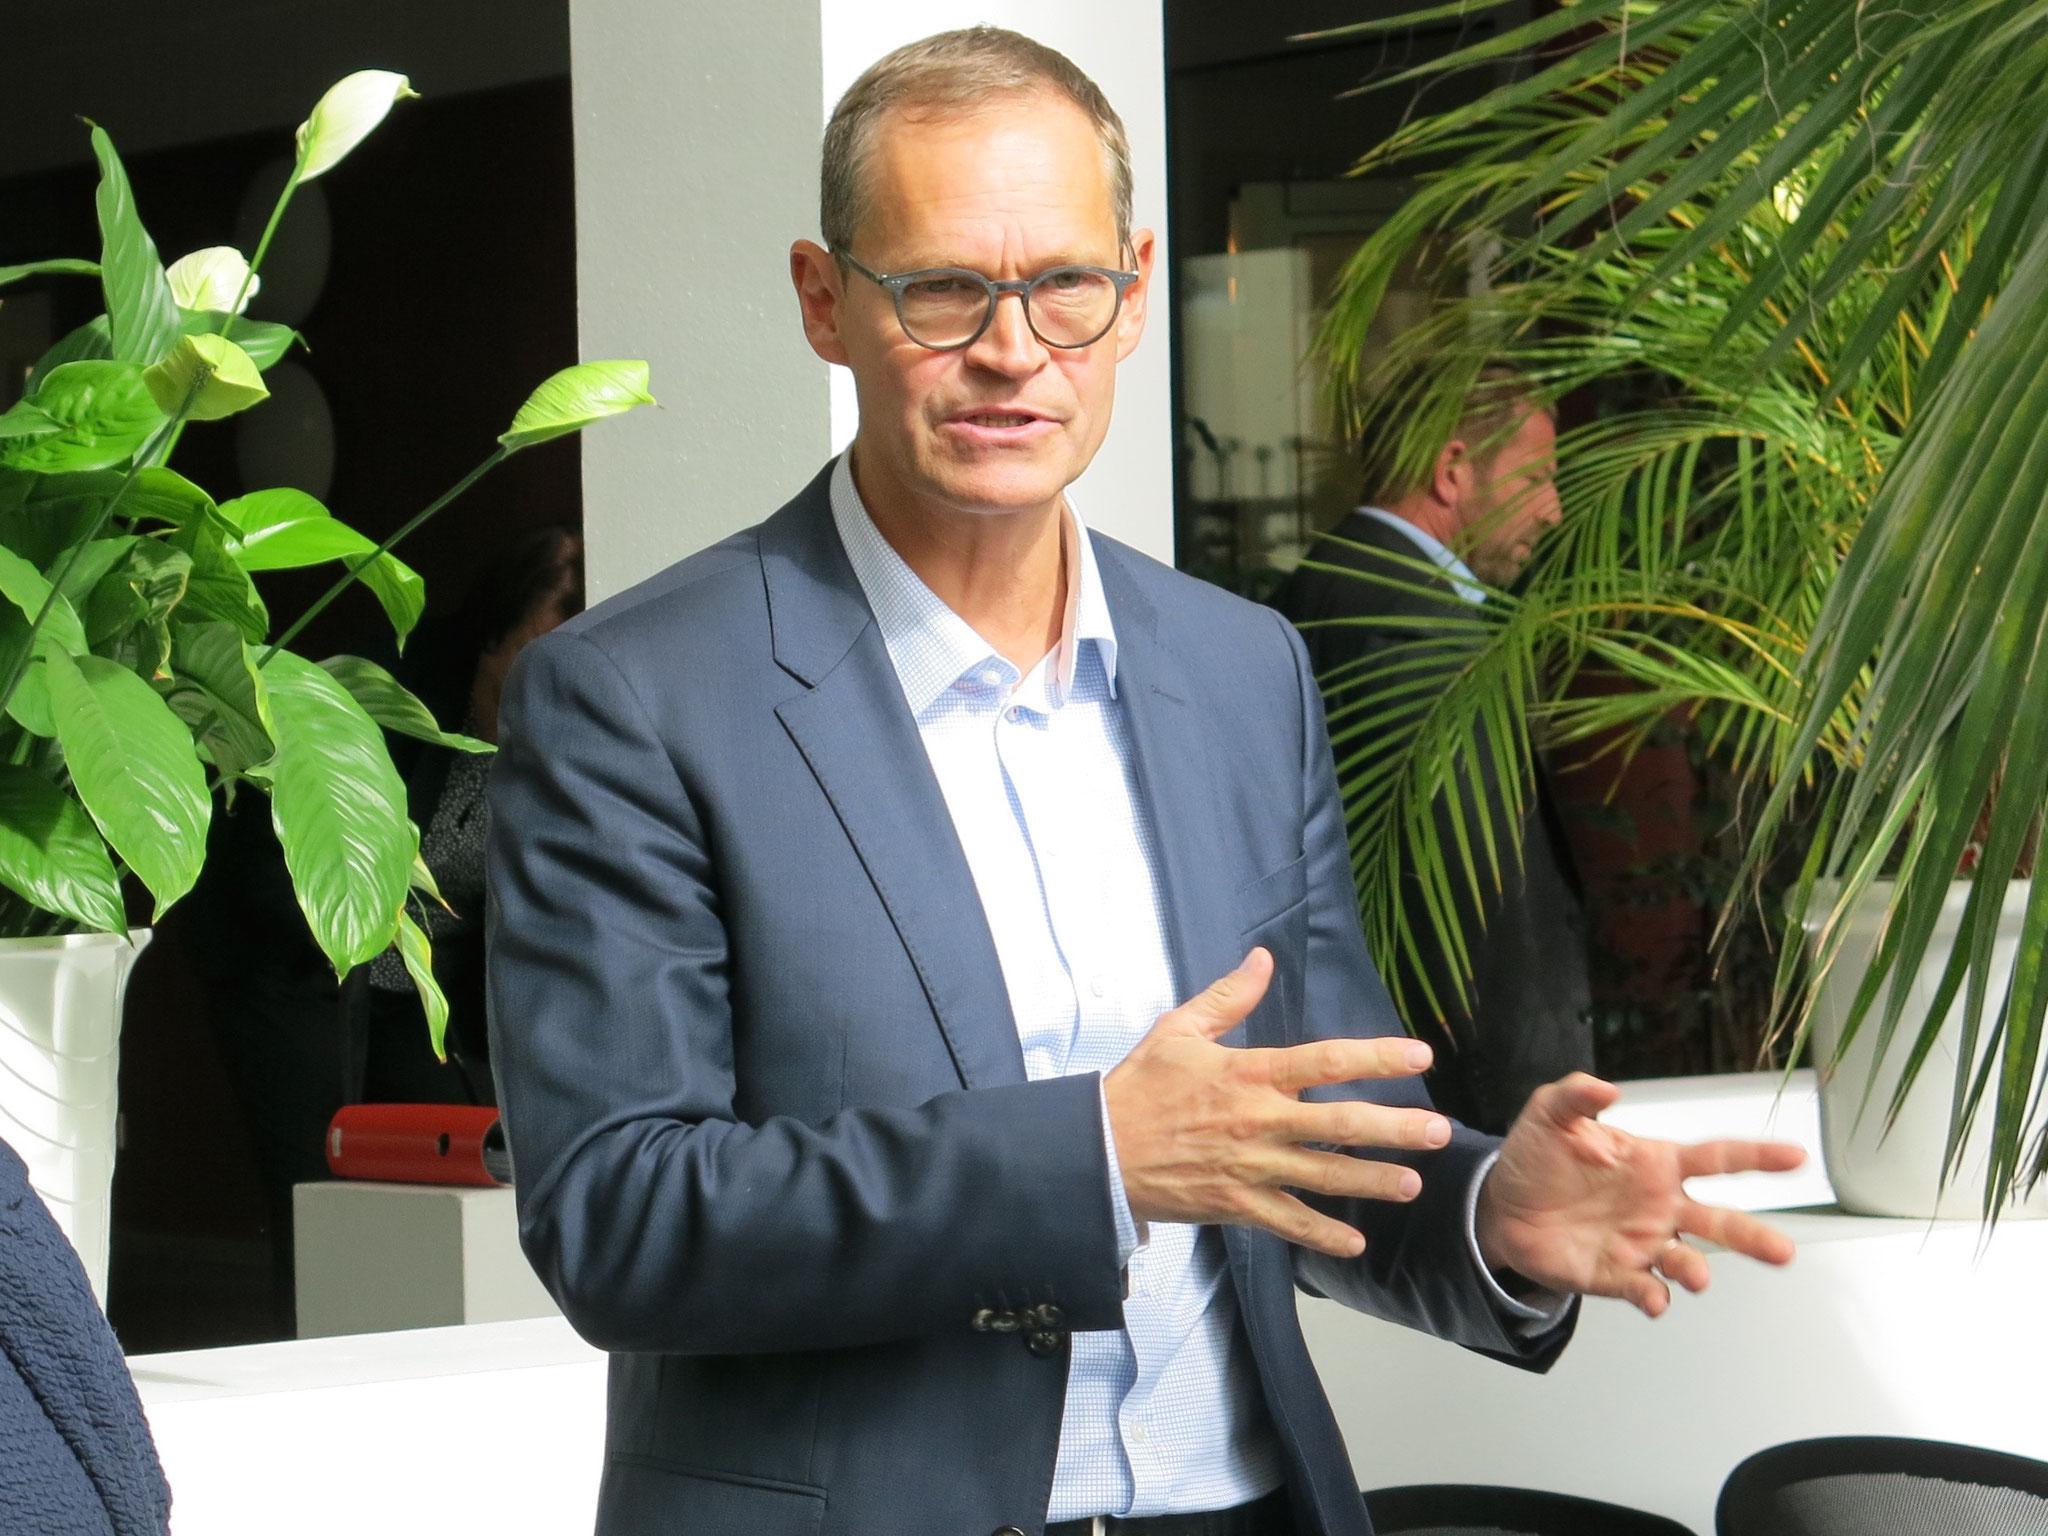 Berlins Regierender Bürgermeister Michael Müller (hier bei einem Besuch in Marzahn-Hellersdorf im September 2019) hat heute weitere Anti-Corona-Maßnahmen verkündet.